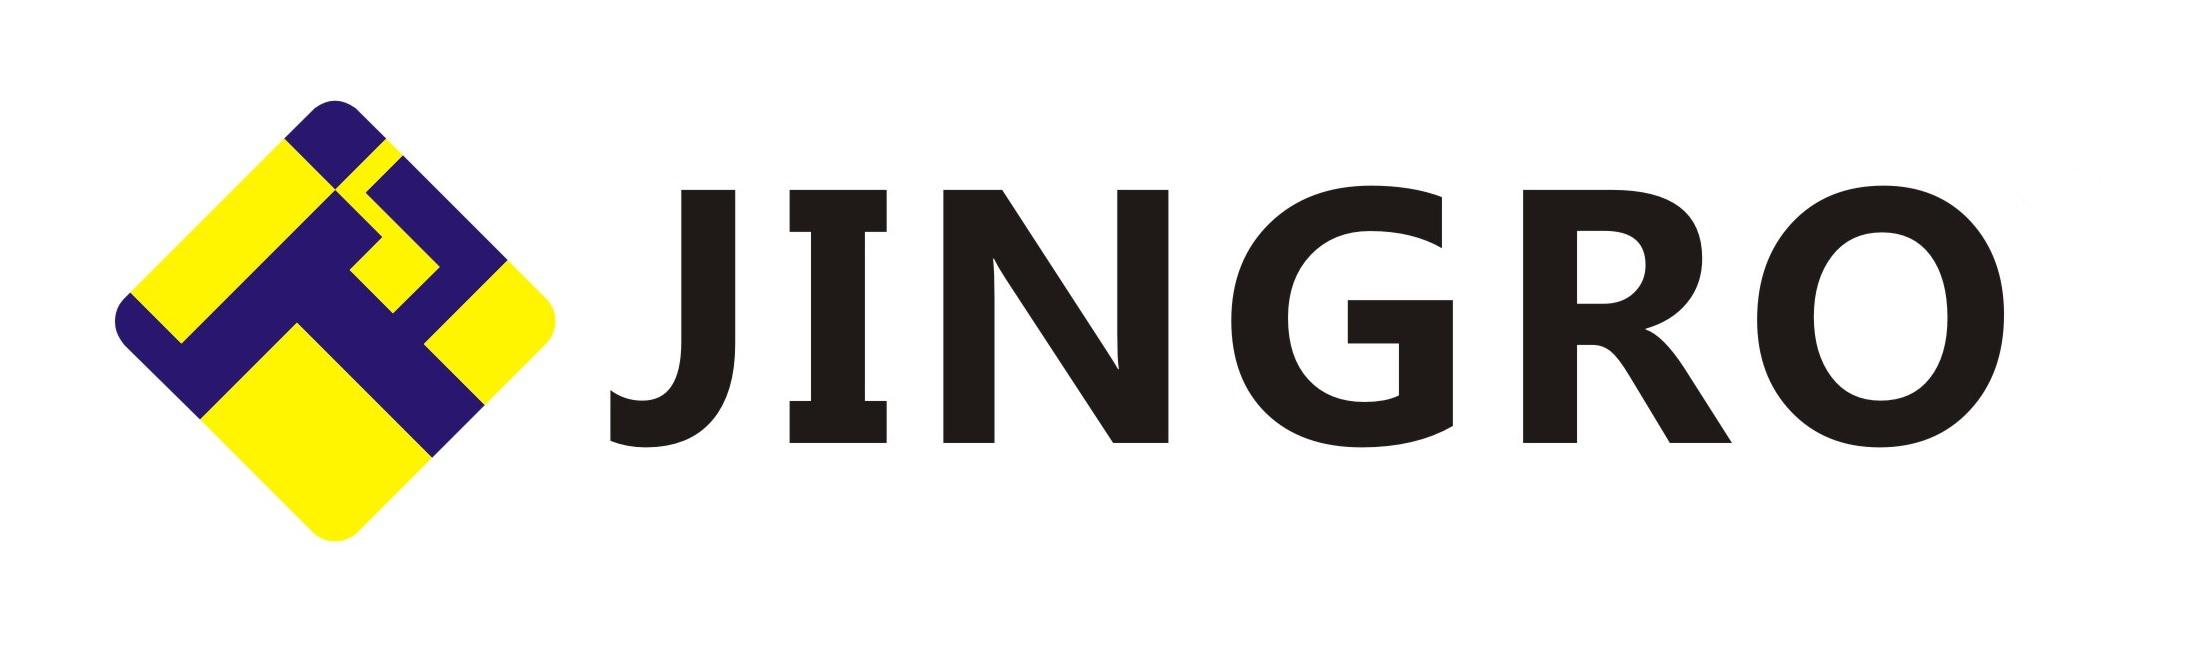 Suzhou Jing Rong Technology Co., Ltd.